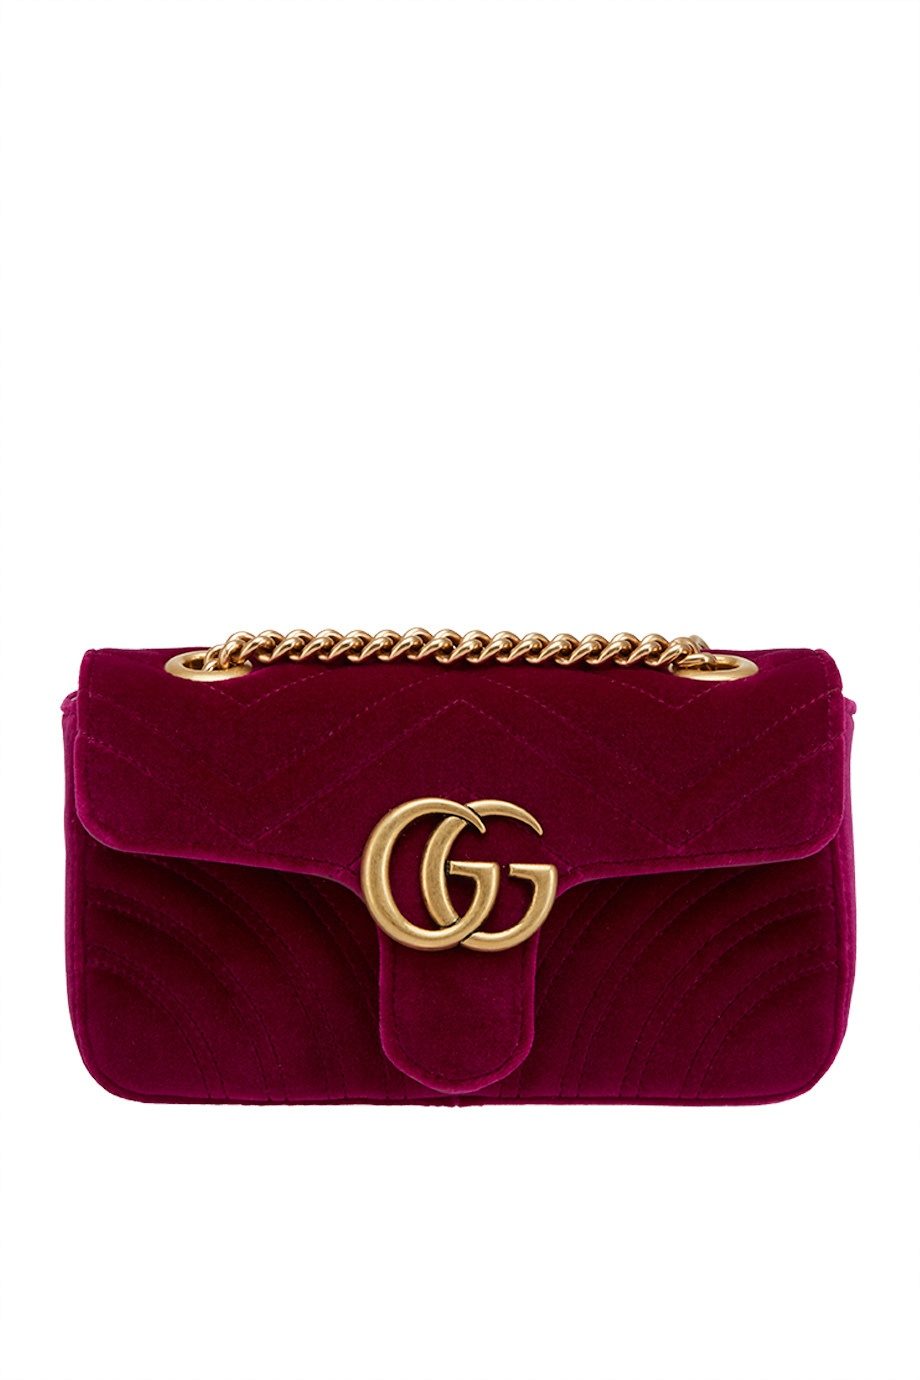 Купить женские сумки Гуччи Gucci в Москве